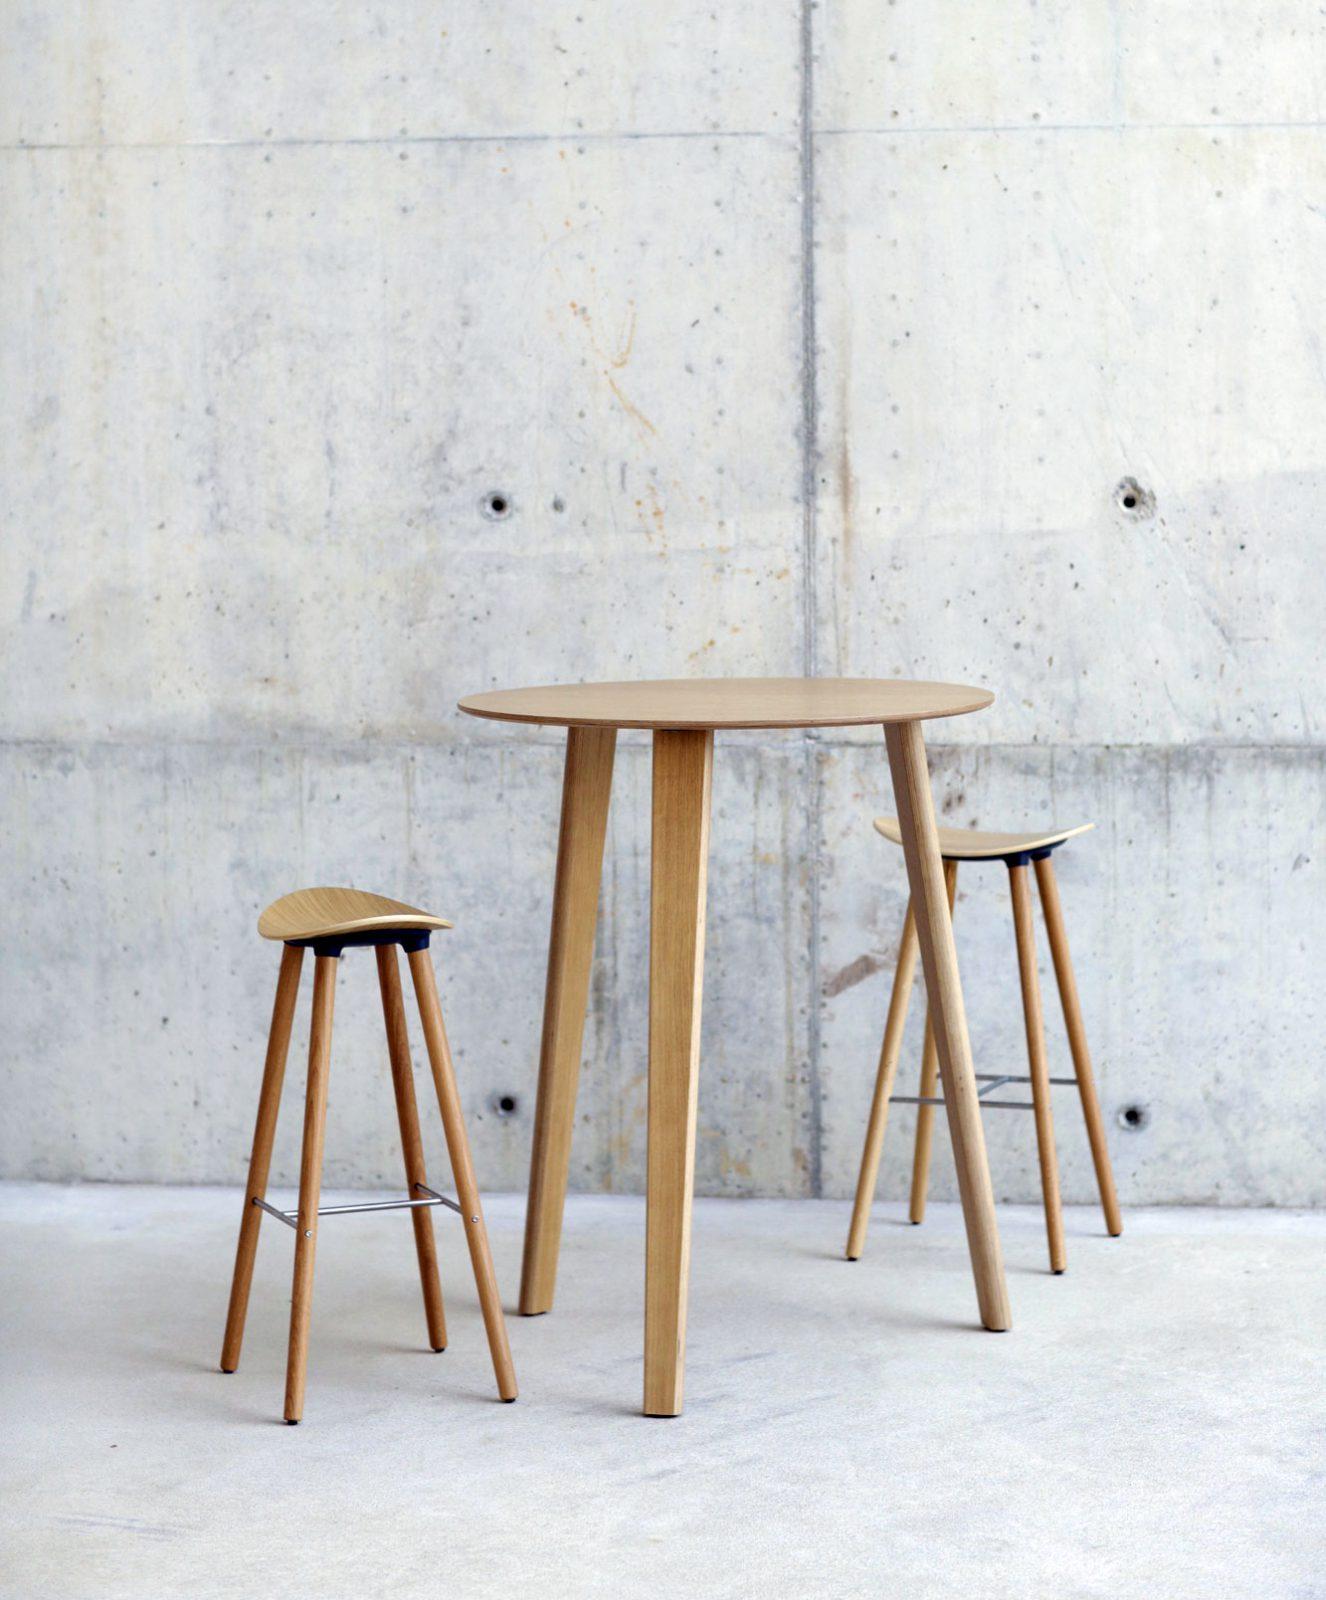 lts system mesa alta madera enea design